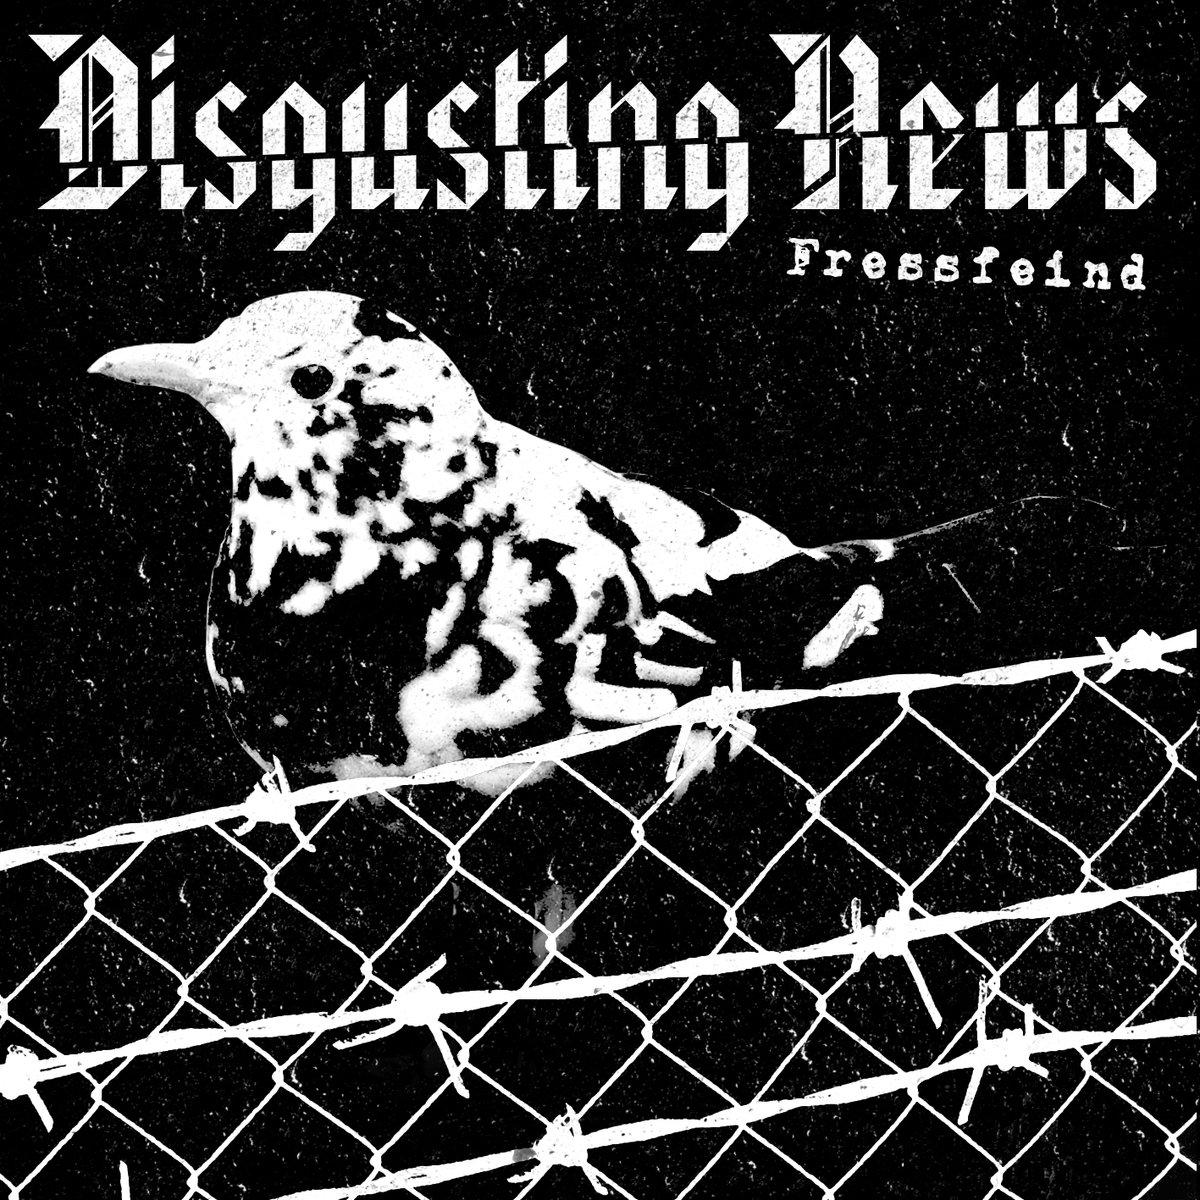 Disgusting News